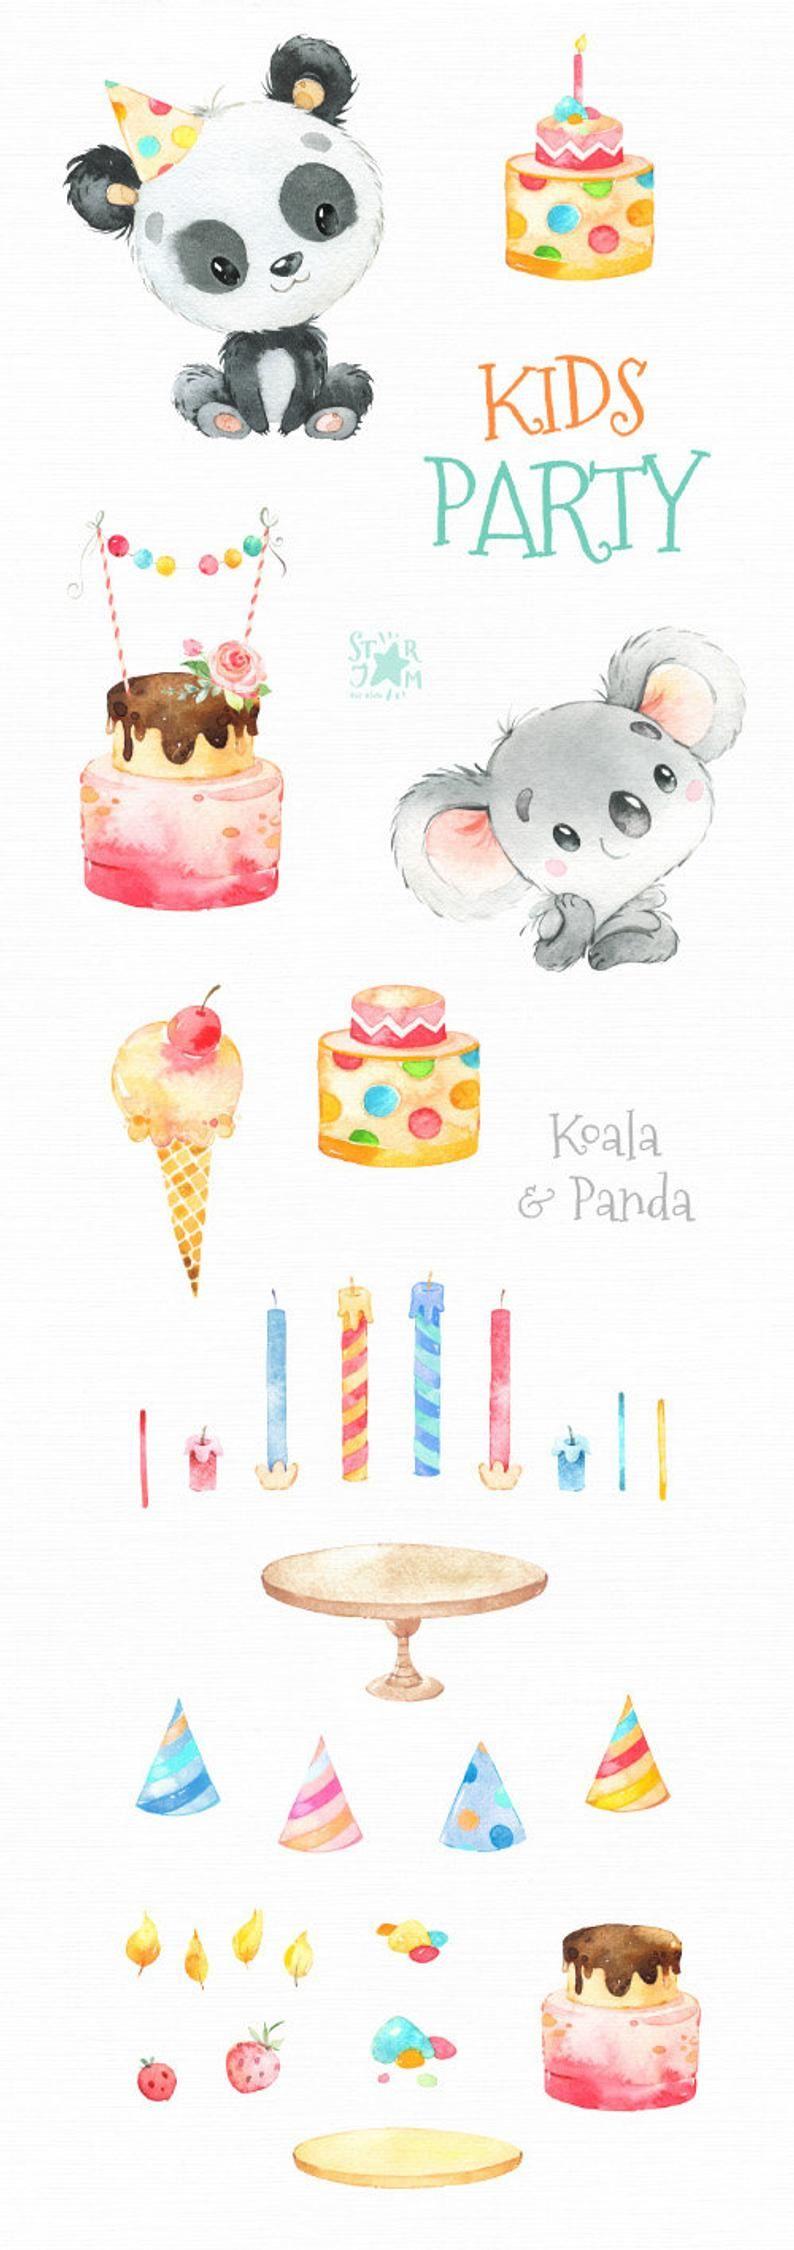 Photo of Festa per bambini. Koala & Panda acquerello piccolo animale Clipart di compleanno, torte, torta, divertimento, bambino, compleanno gelato, playdate, carte baby-doccia